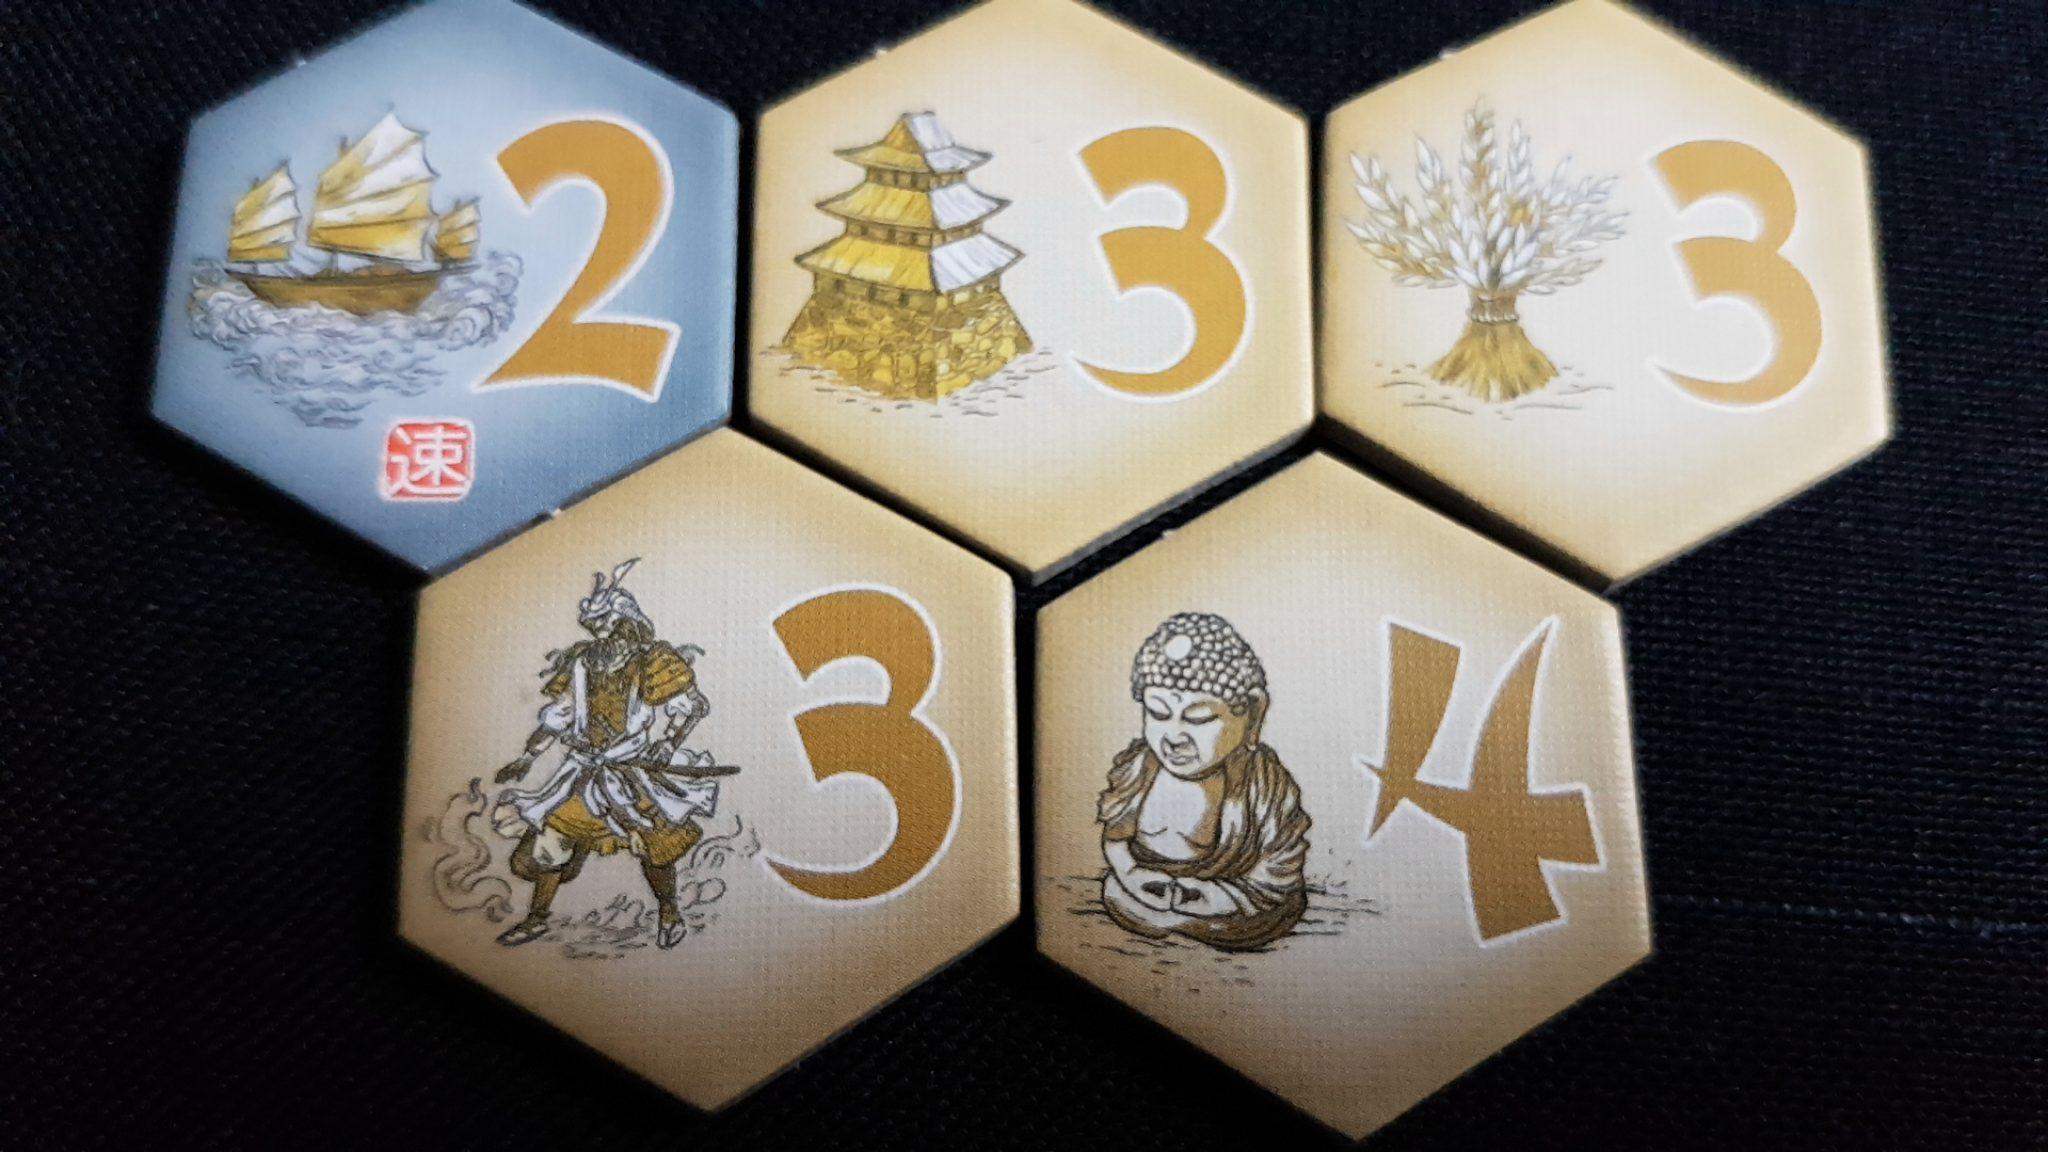 Samurai tiles